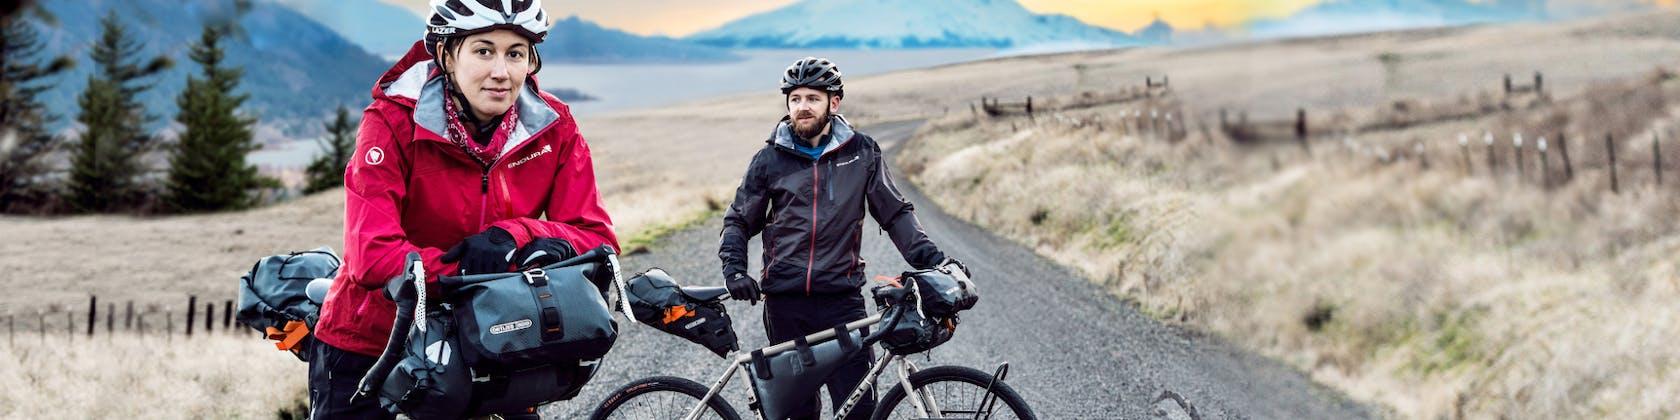 novità bici trekking and travel